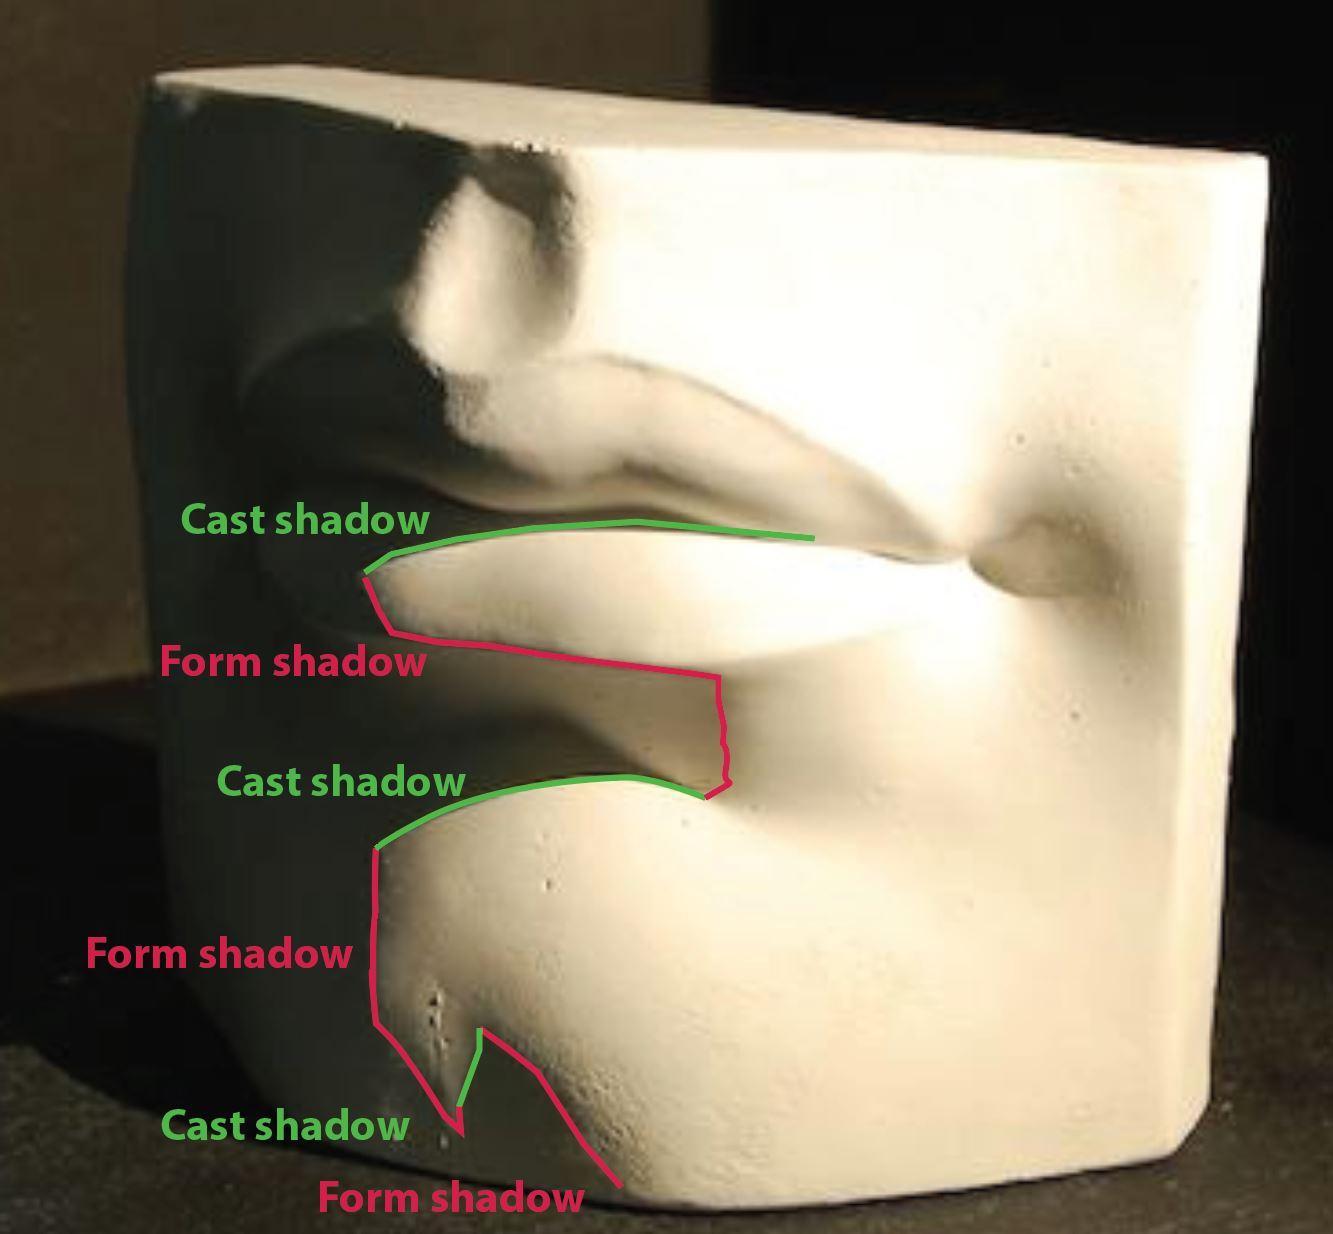 form shadow - cast shadow